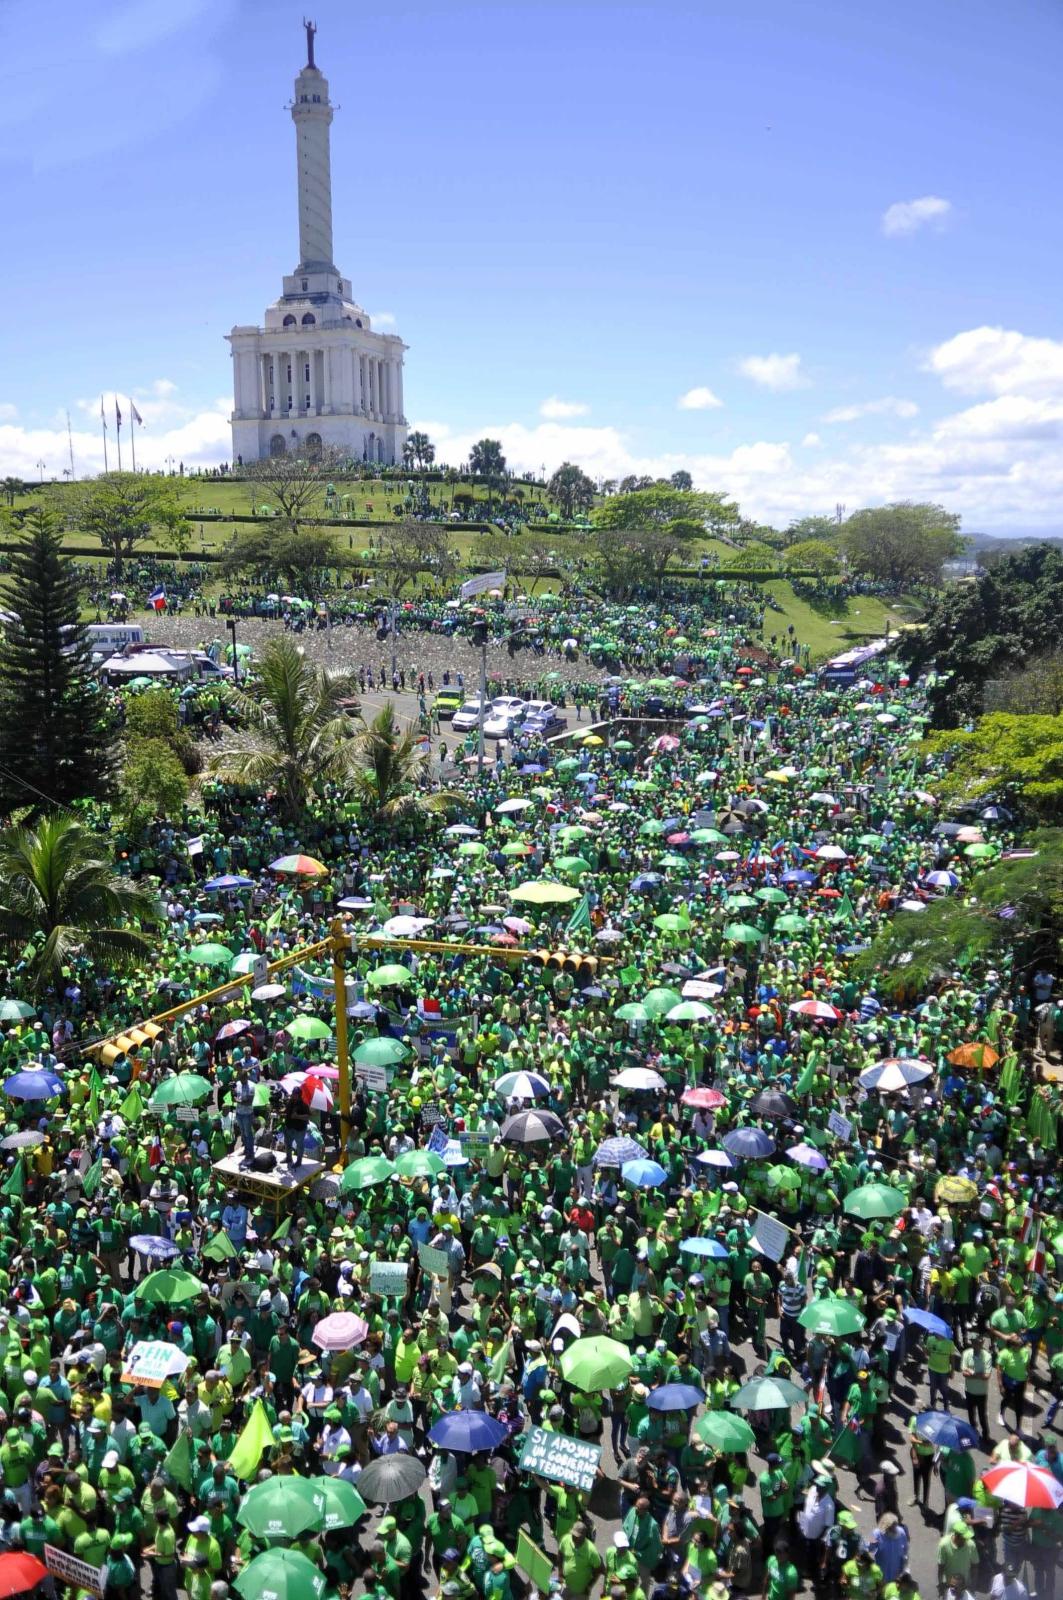 Tysiące ludzi protestują przeciwko korupcji w rządzie, Santiago, Dominikana.